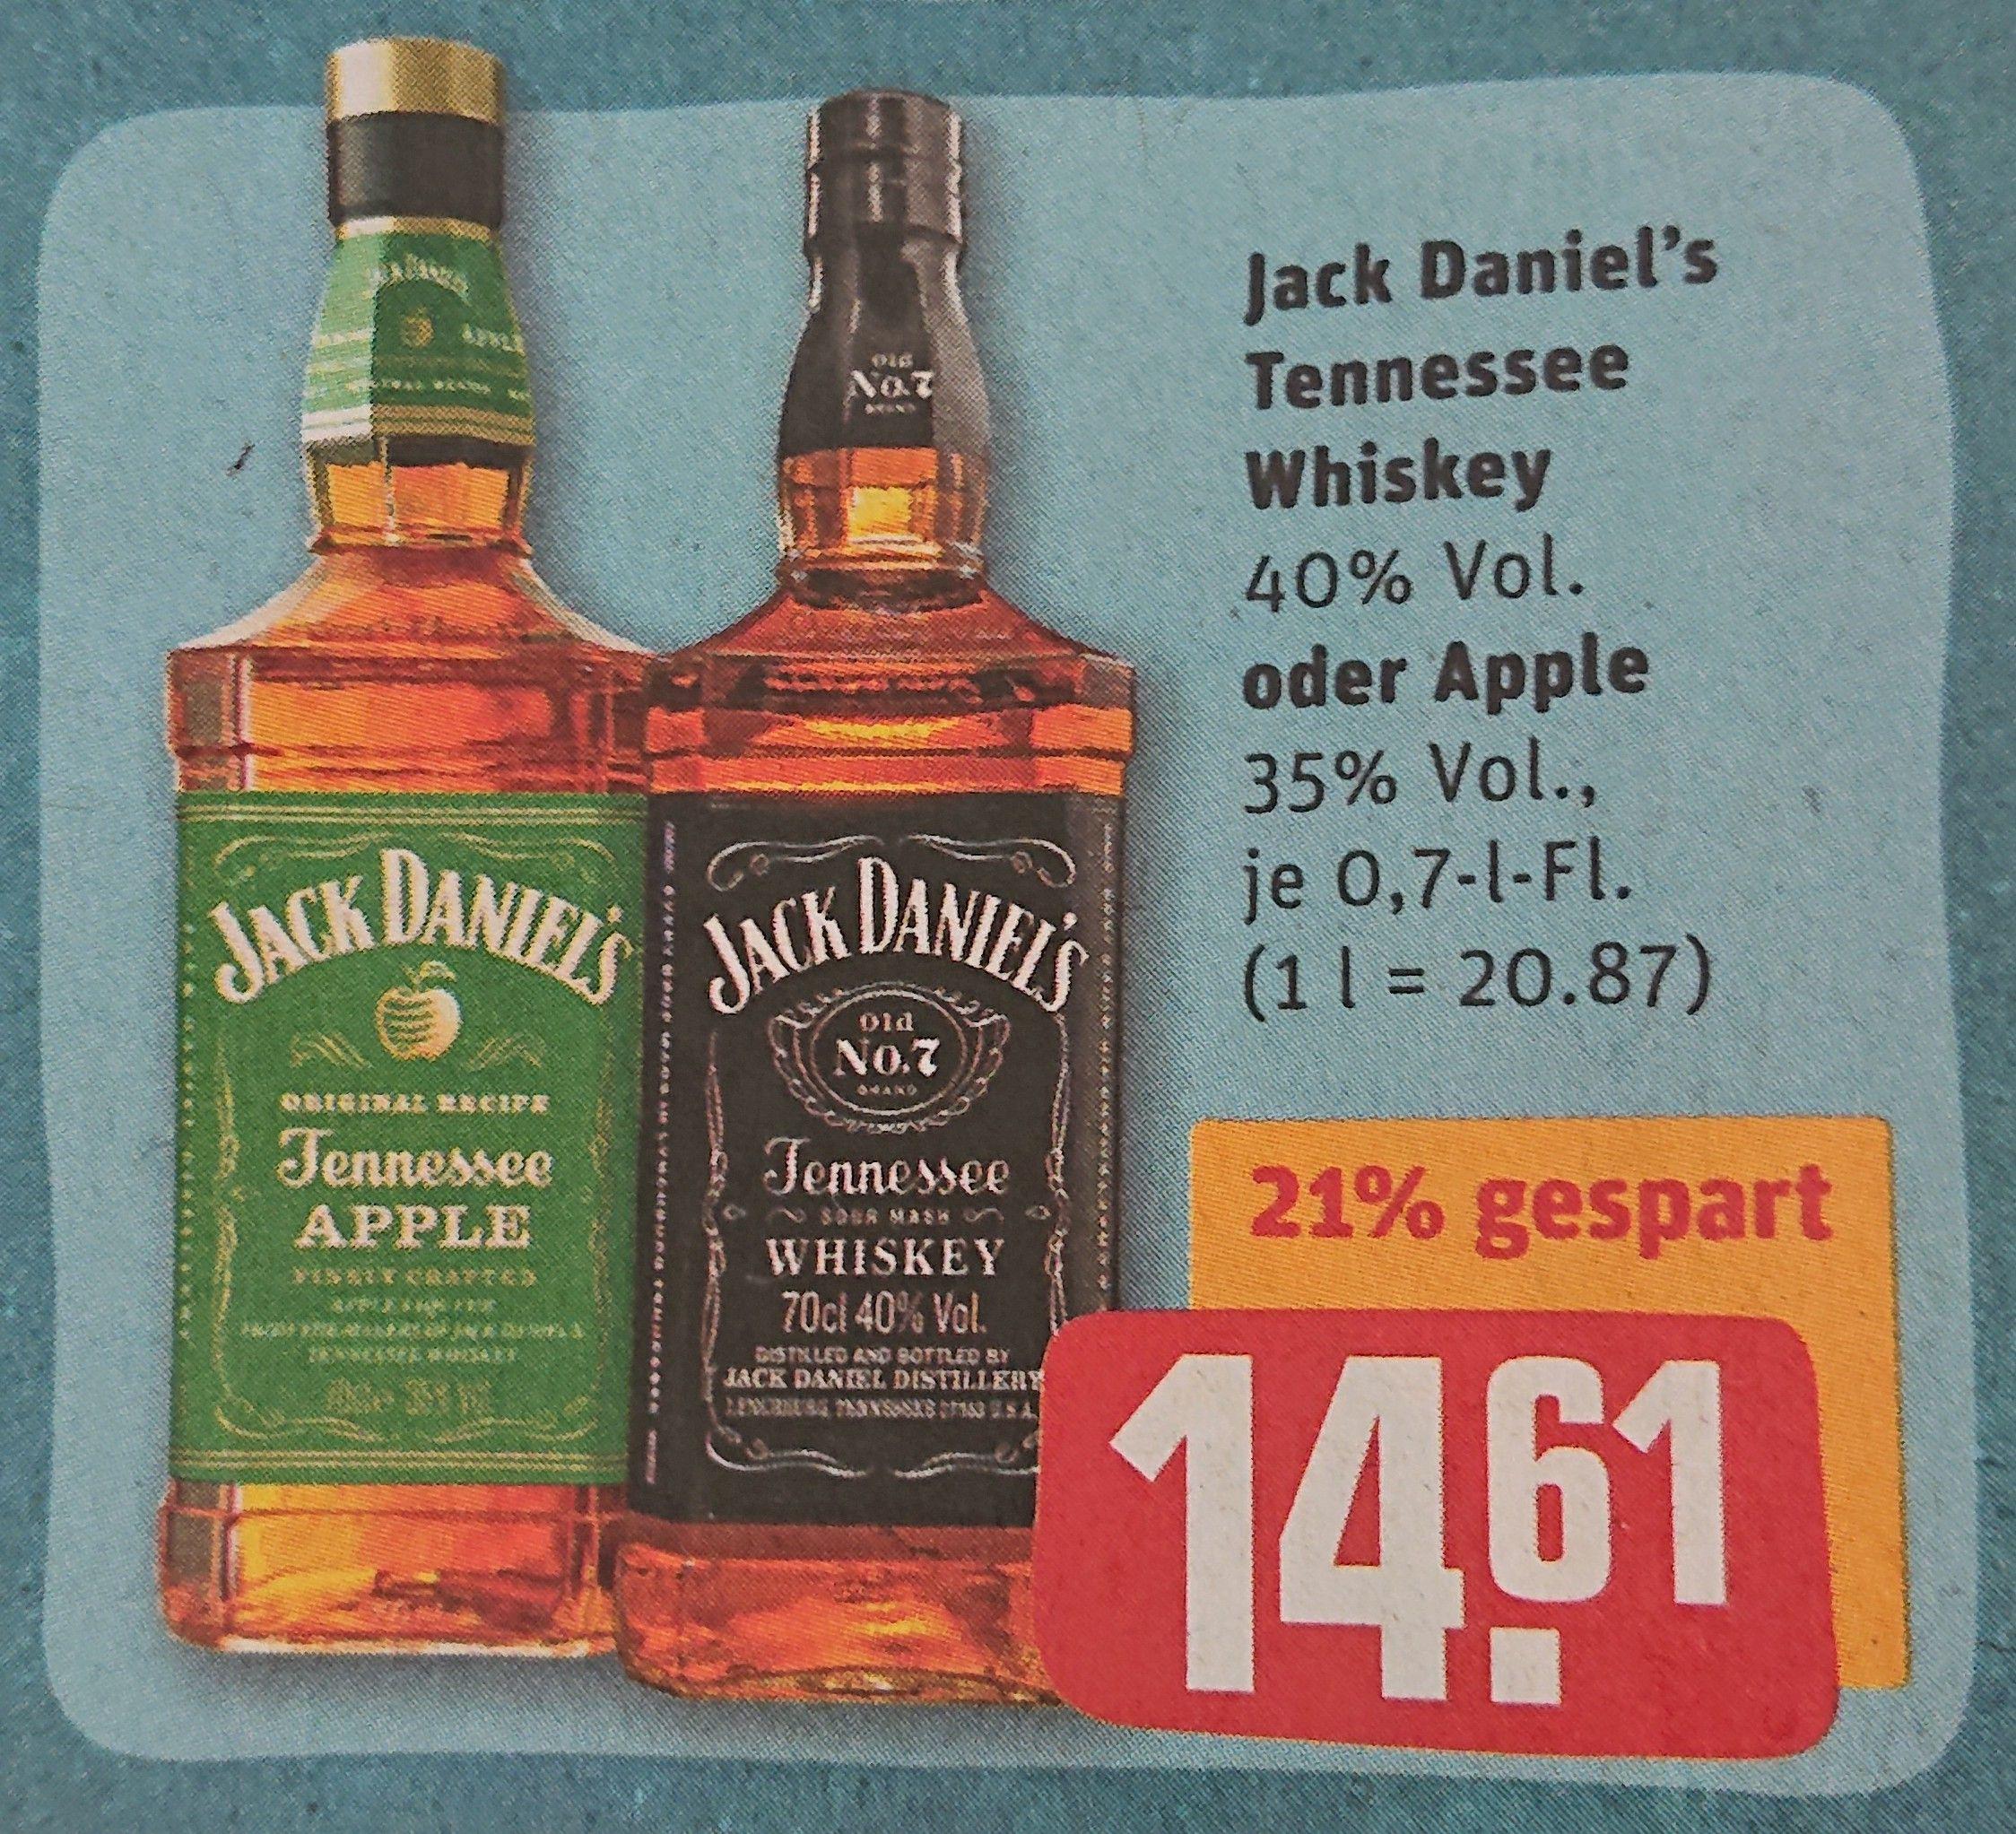 Jack Daniel's (Daniels) Tennessee Whiskey 0,7 l [REWE] [KW37 07. - 12.09. /online ab 06.09.] (mit 15x Payback 13,56 € möglich)